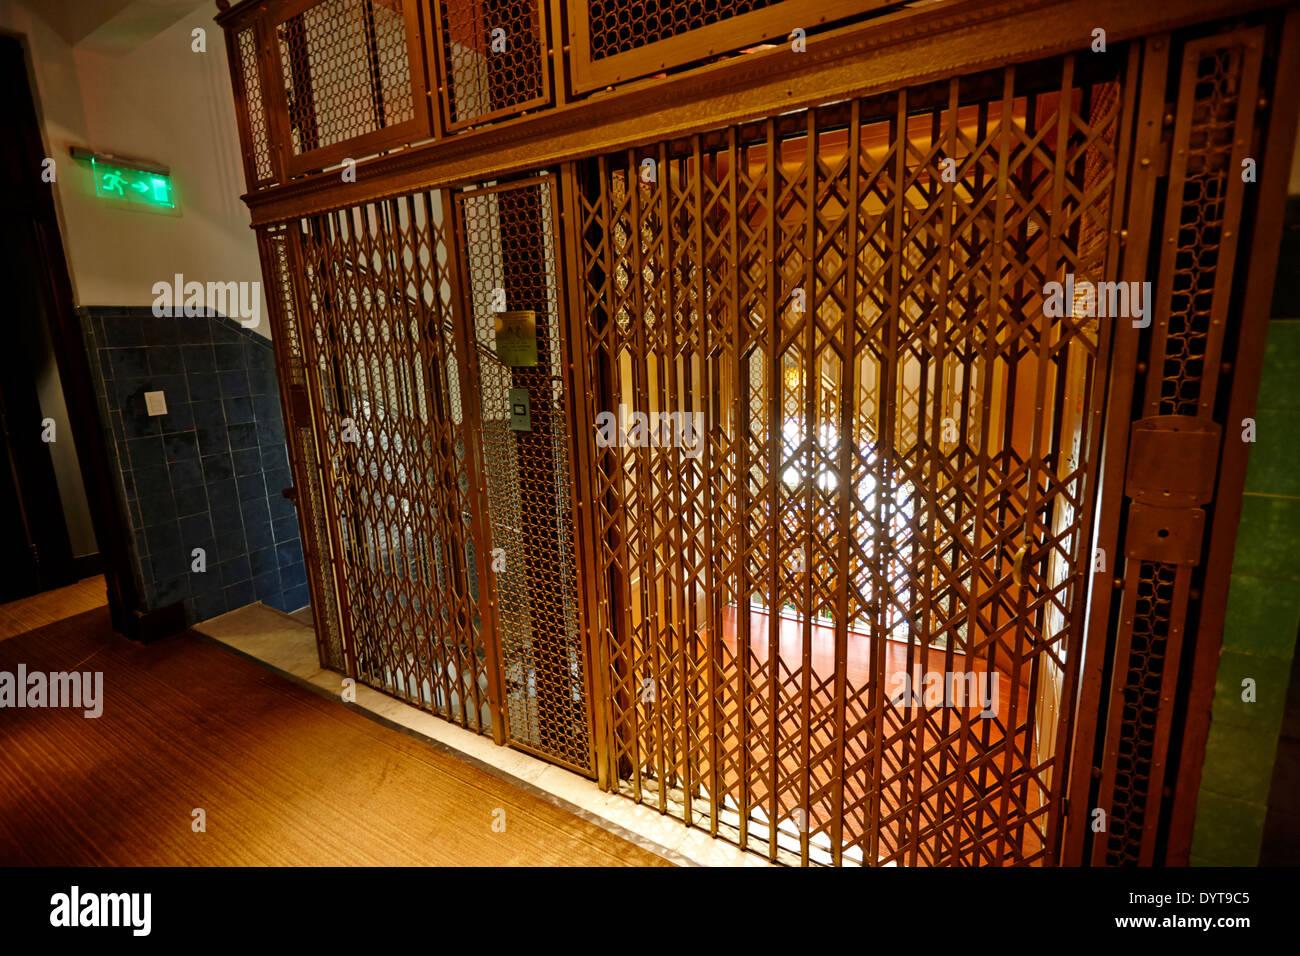 Vieille prison de métal ascenseur dans immeuble art déco Buenos Aires Argentine Photo Stock